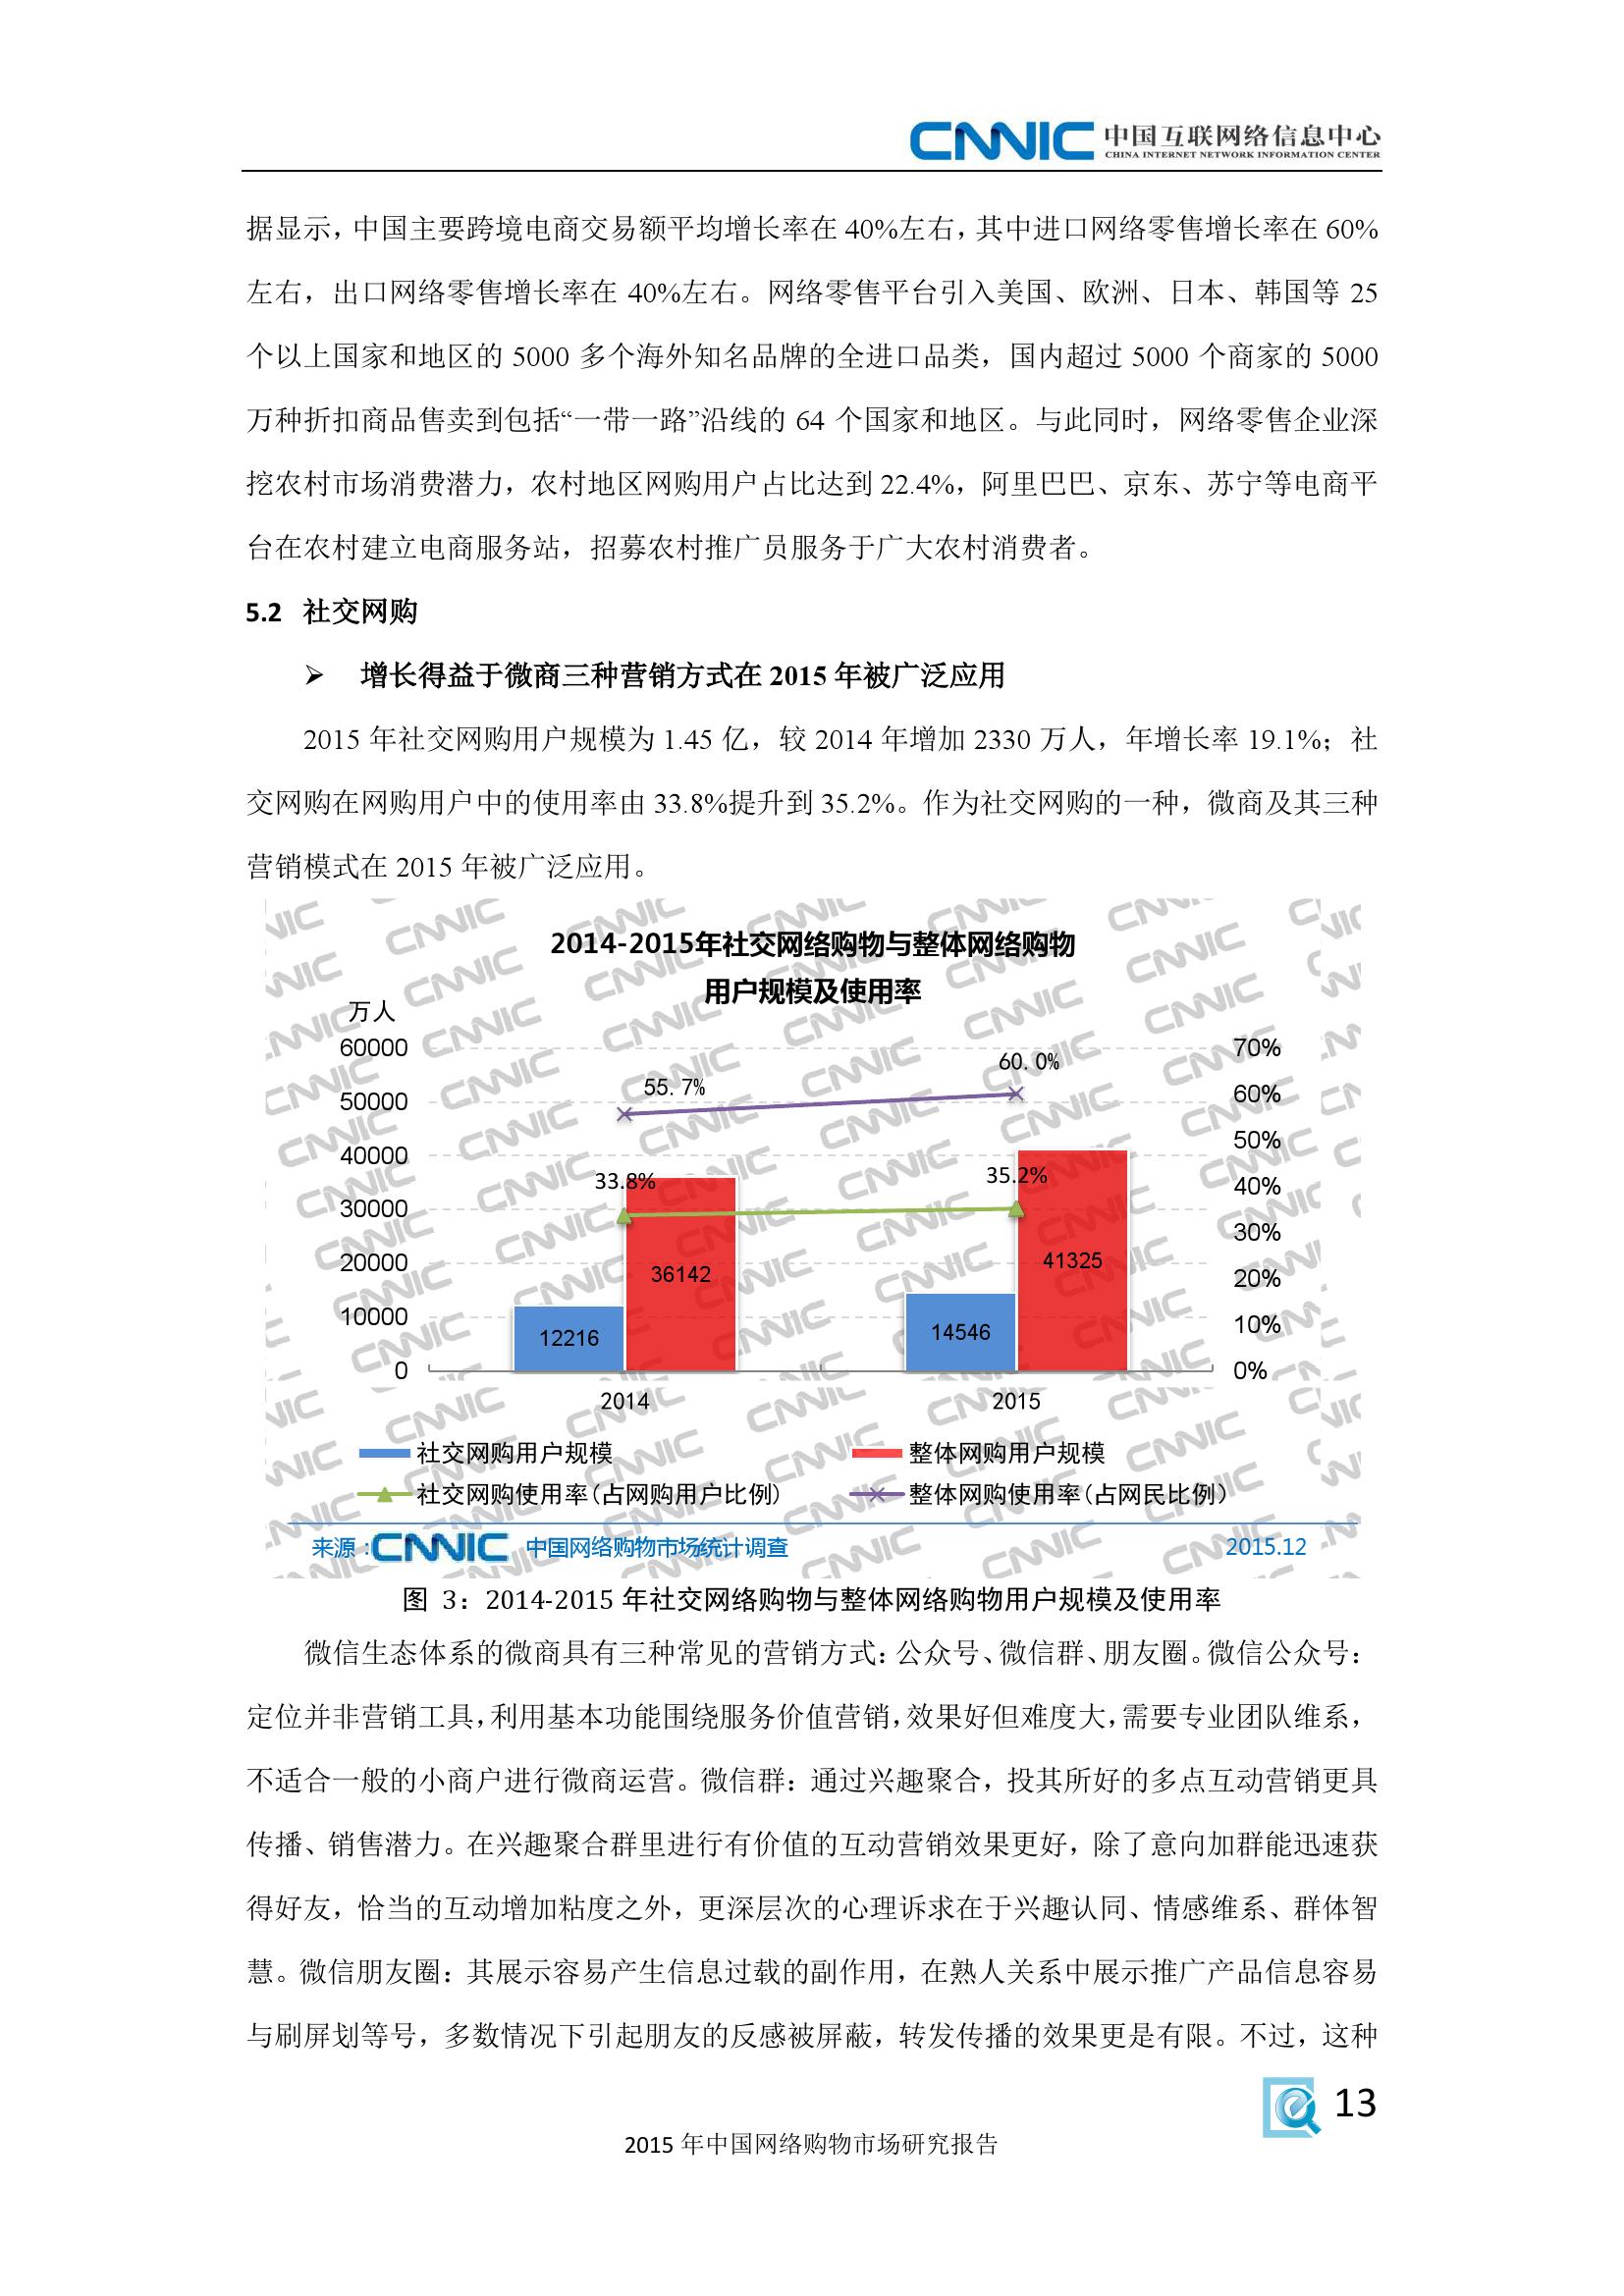 2015年中国网络购物市场研究报告_000021